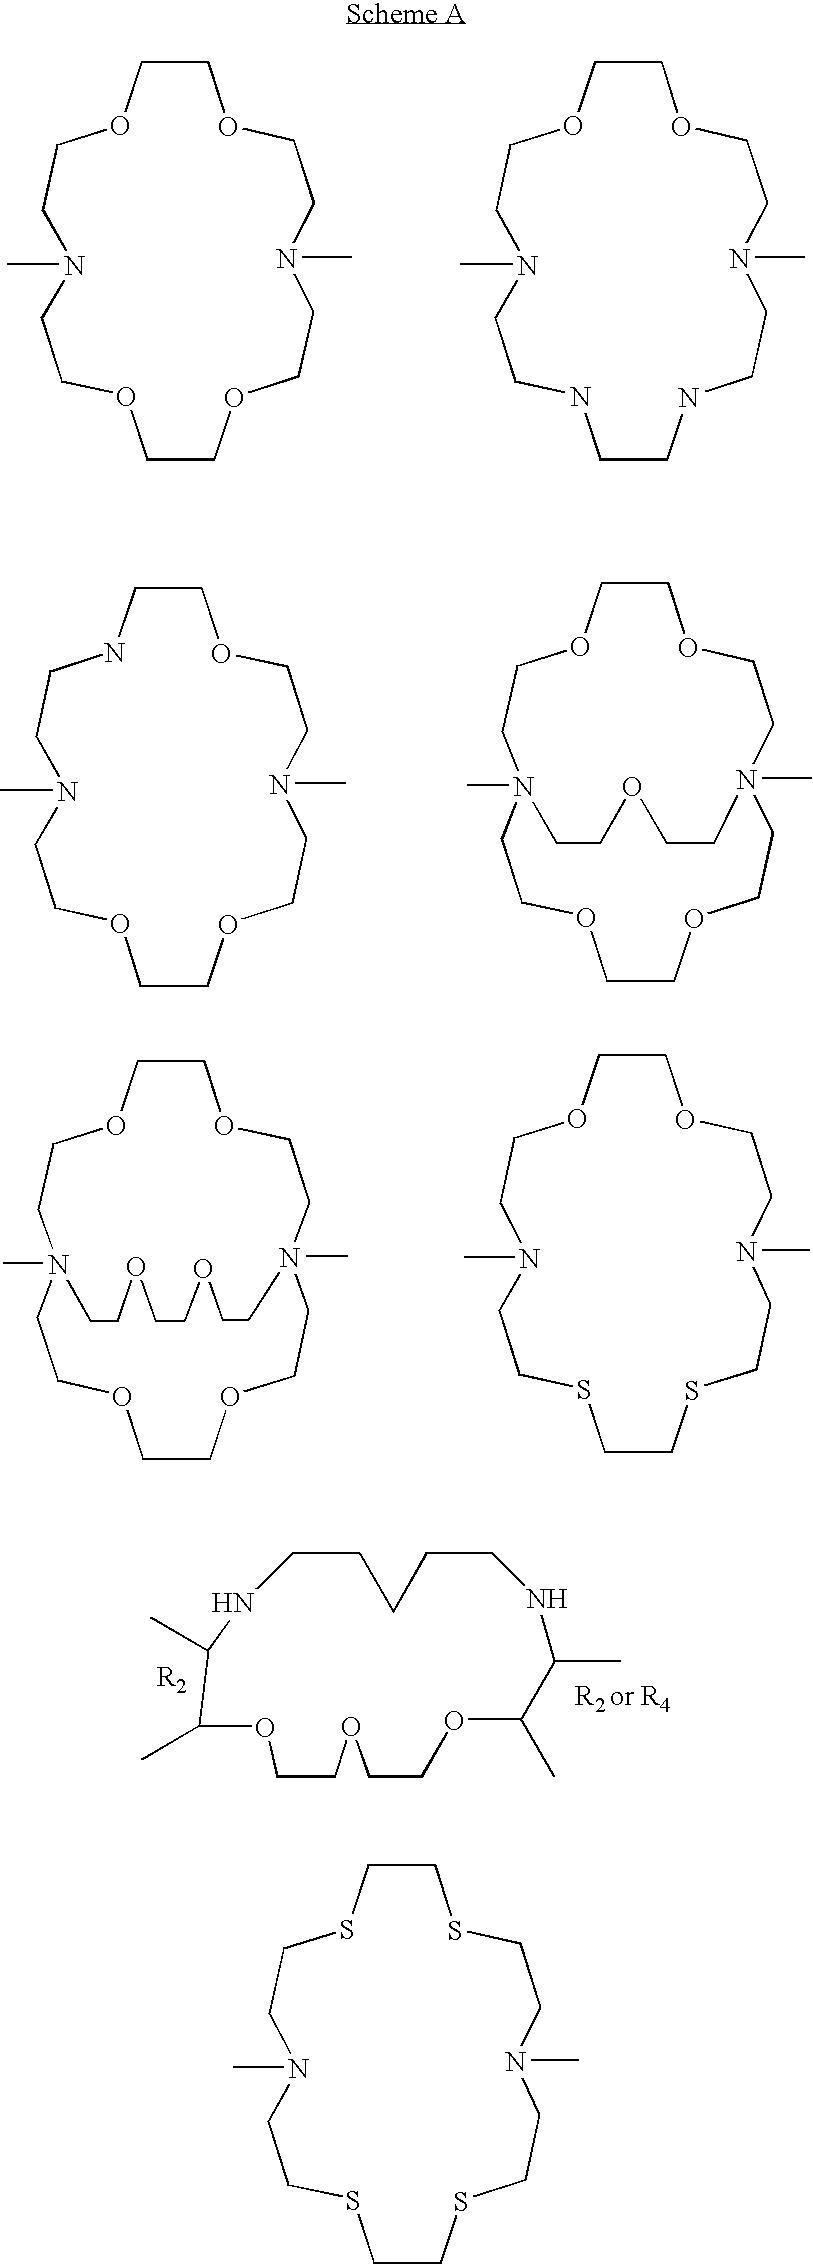 Figure US20050280604A1-20051222-C00007